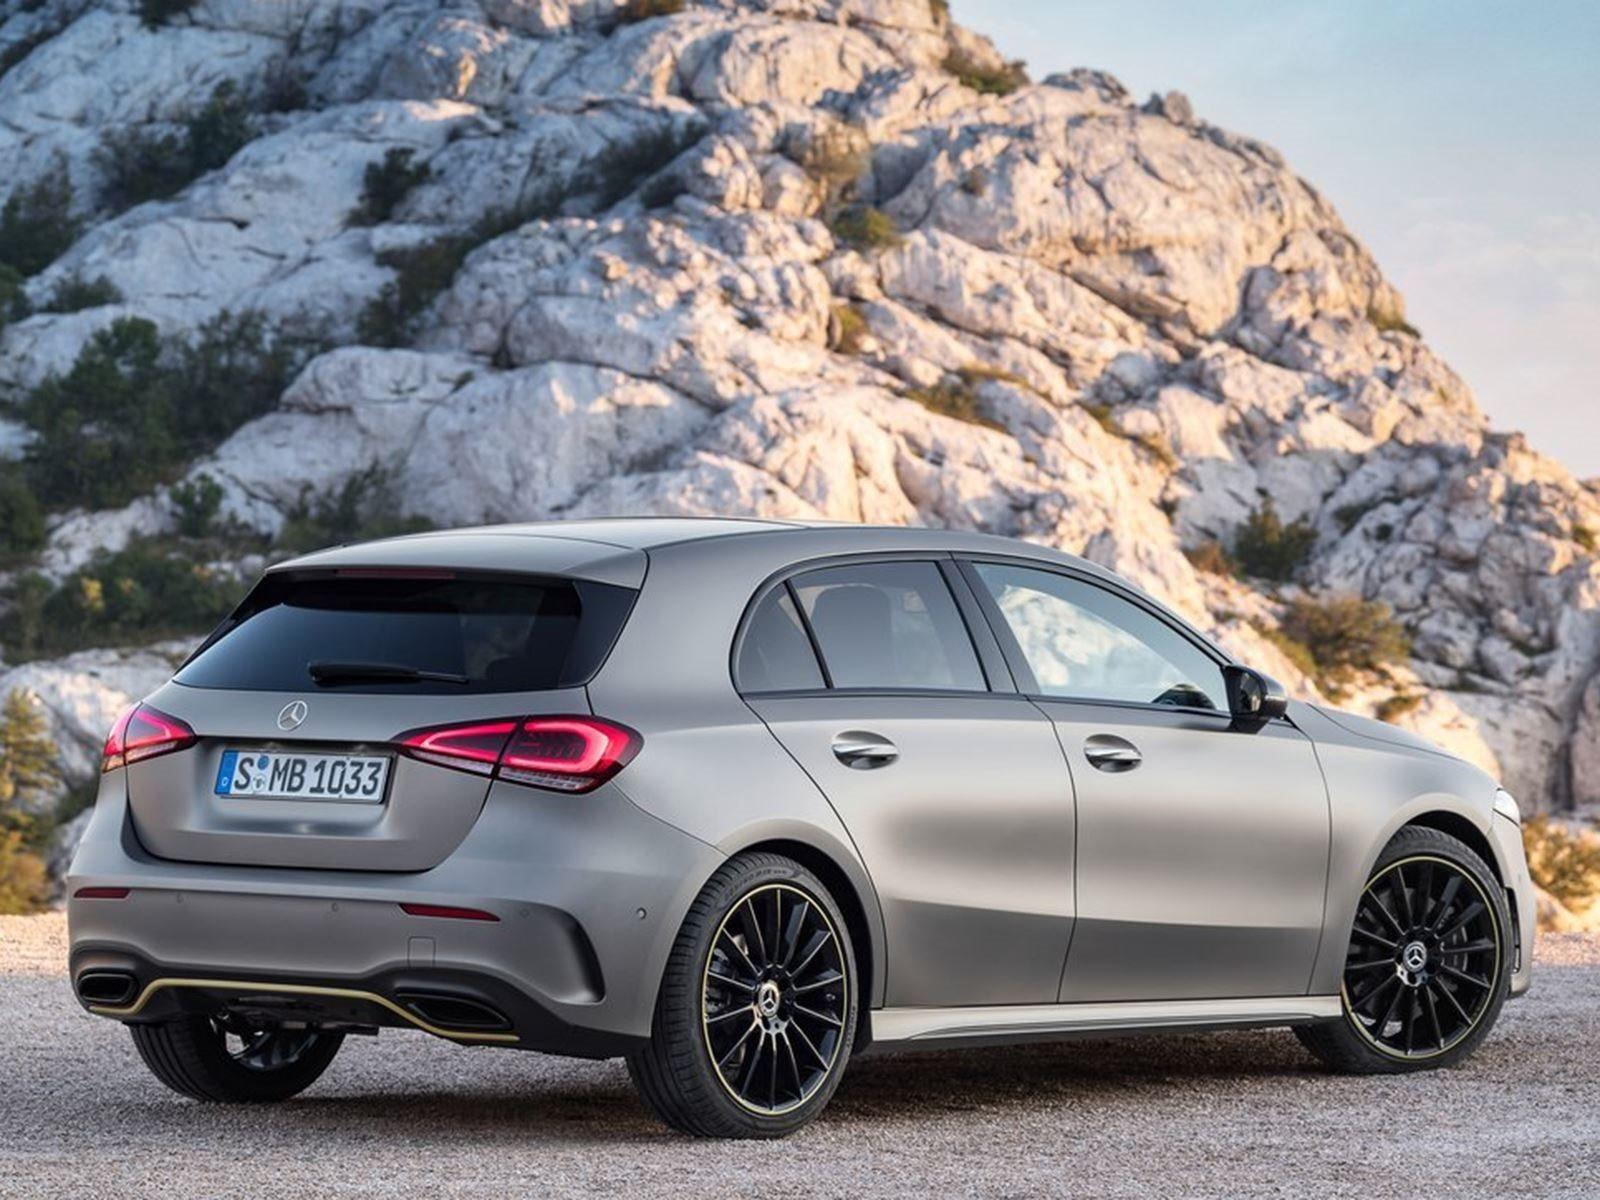 Недавно мы узнали, что компактный автомобиль начального уровня получит до восьми новых моделей, включая седан, специально разработанный для американского рынка. До сих пор Mercedes показал только вариант хэтчбек в Женеве, который будет выпущен в Евро